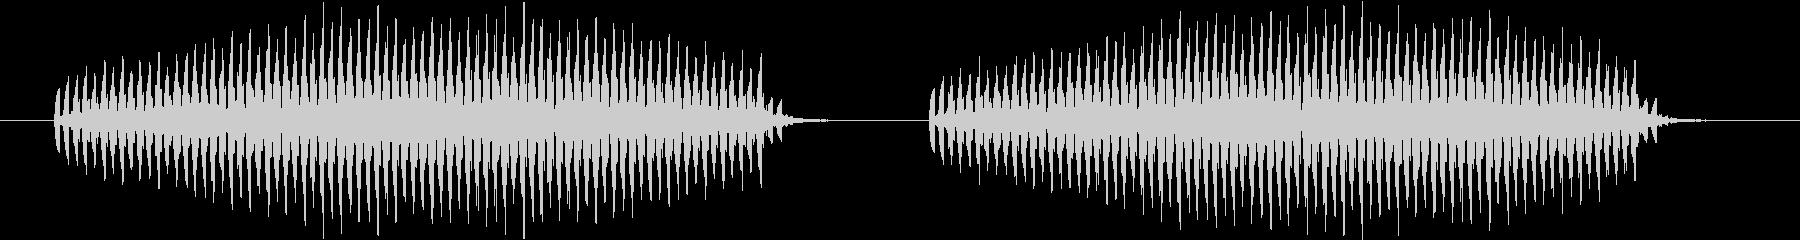 キリキリキリキリというシンセ音(虫)の未再生の波形